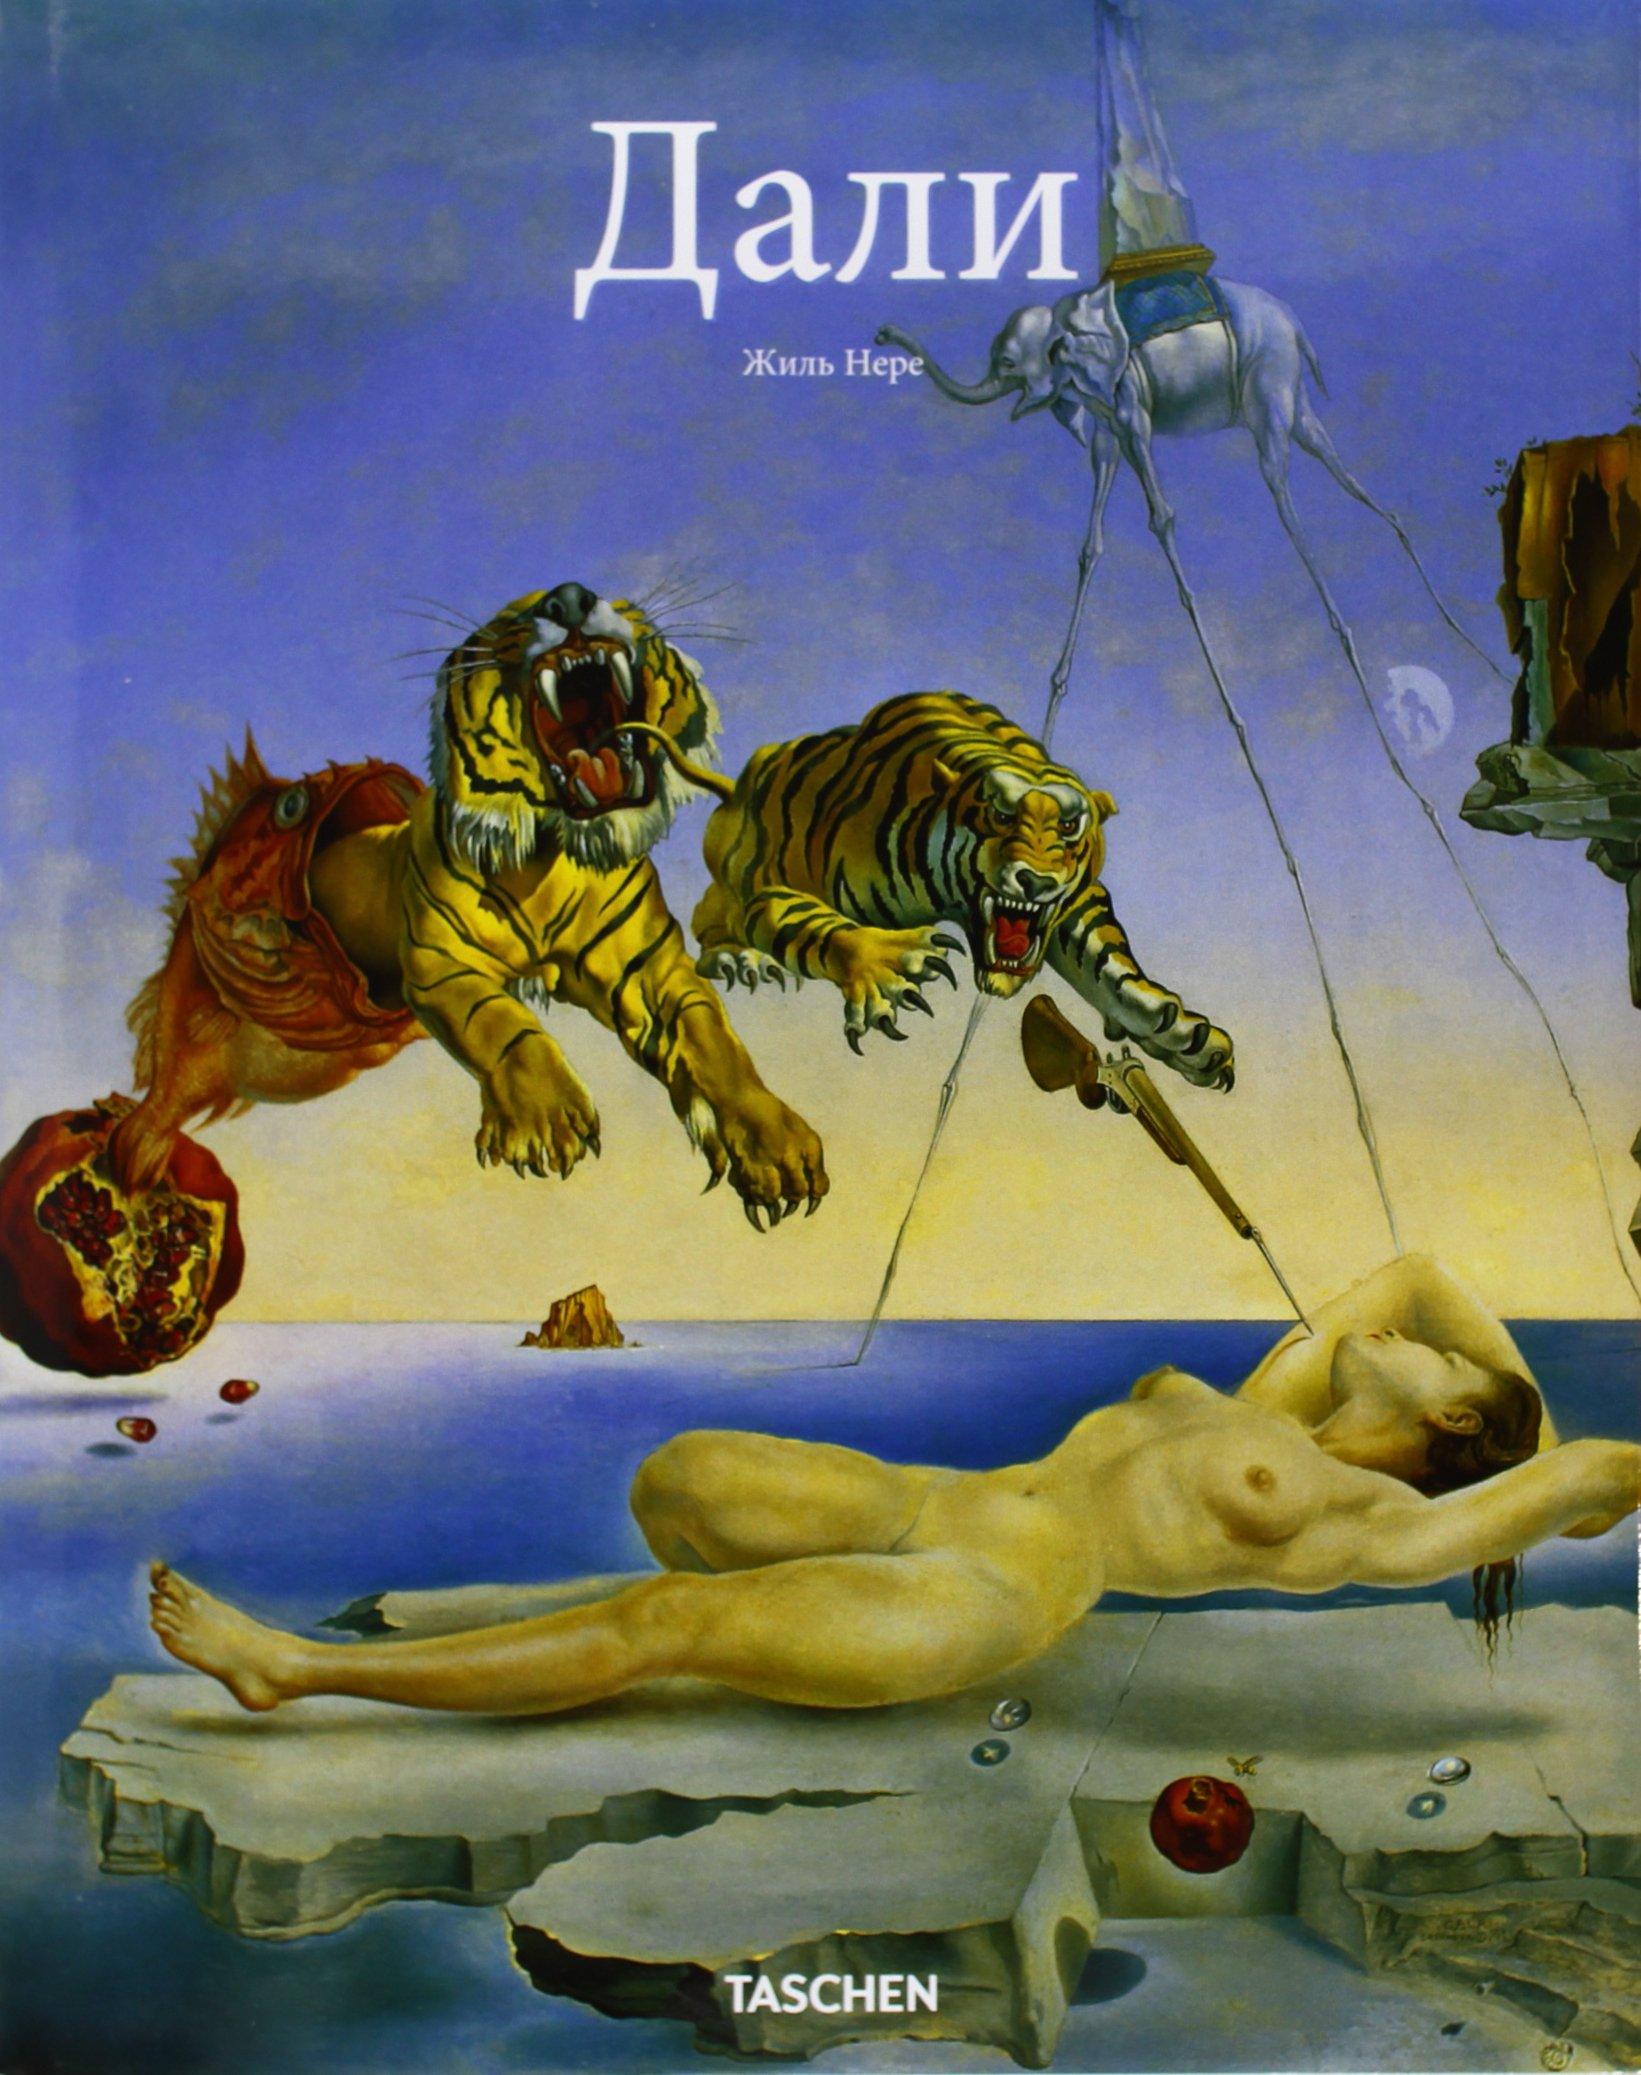 Dalí, El Surrealista Más Provocador [Edición Ruso]: Amazon.es: Gilles Néret: Libros en idiomas extranjeros